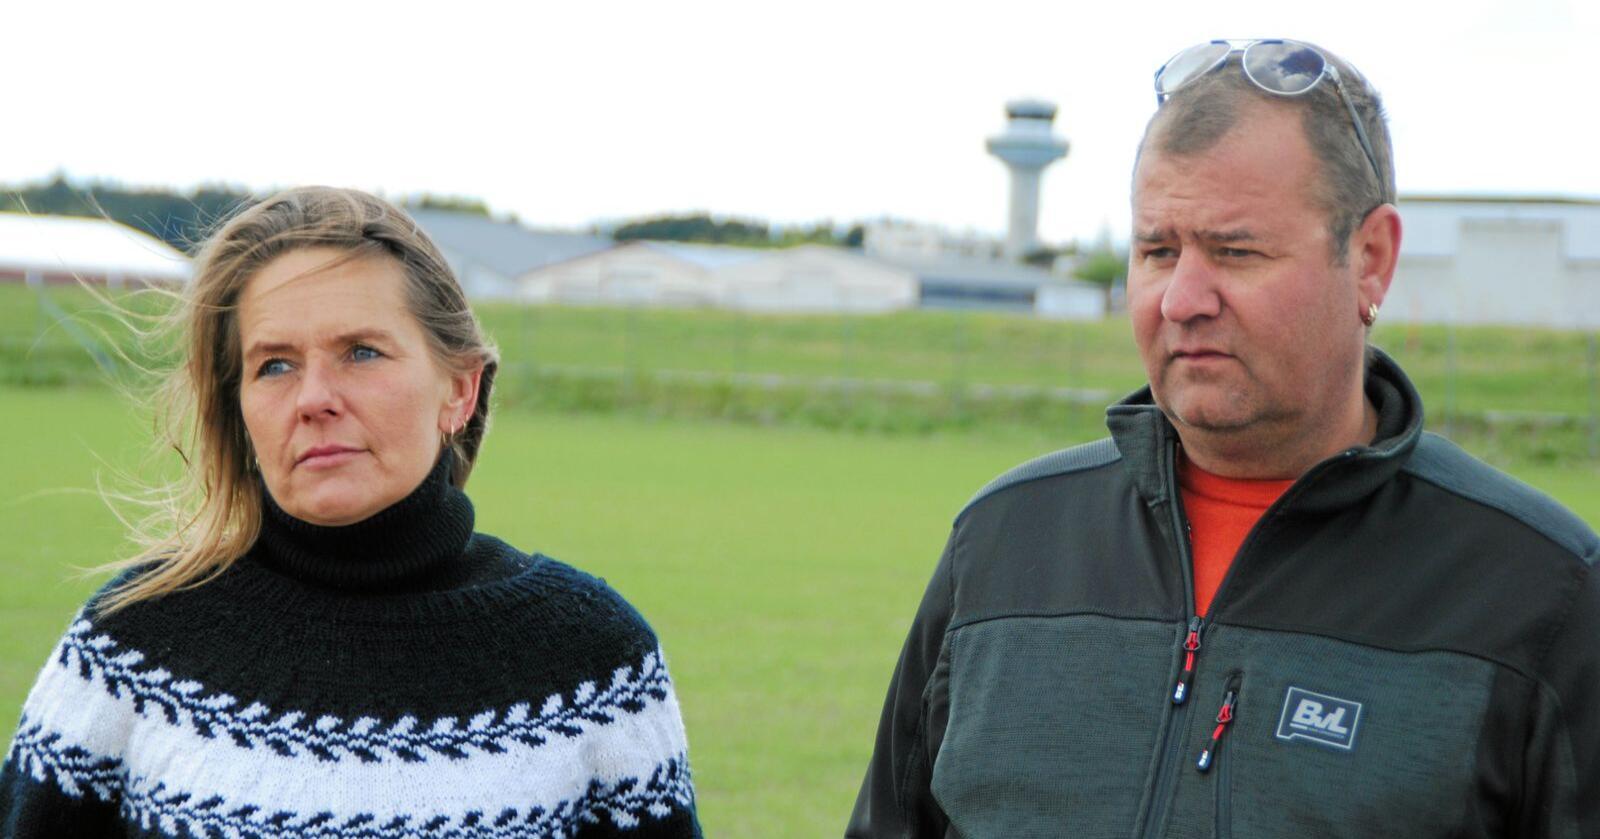 Aina og Kjetil Helland driver økologisk produksjon av sau og ammeku ved Torp Lufthavn i Sandefjord. Foto: Lars Bilit Hagen